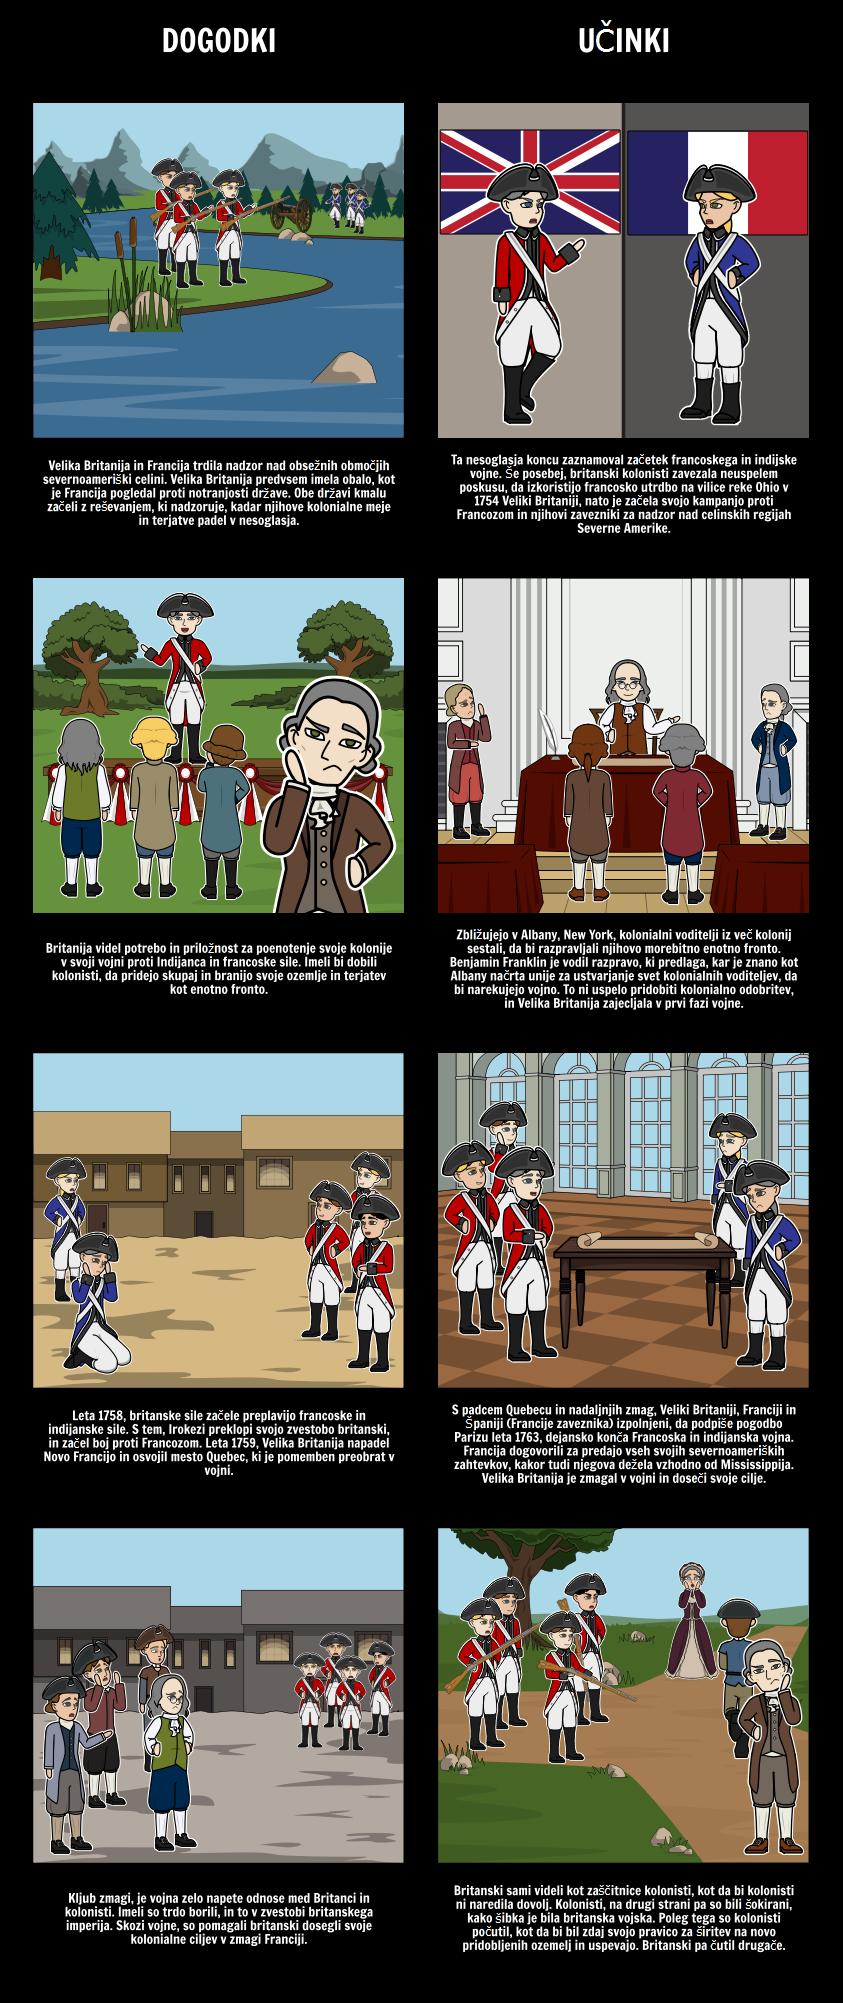 Francoska in indijski vojne, 1754-1763